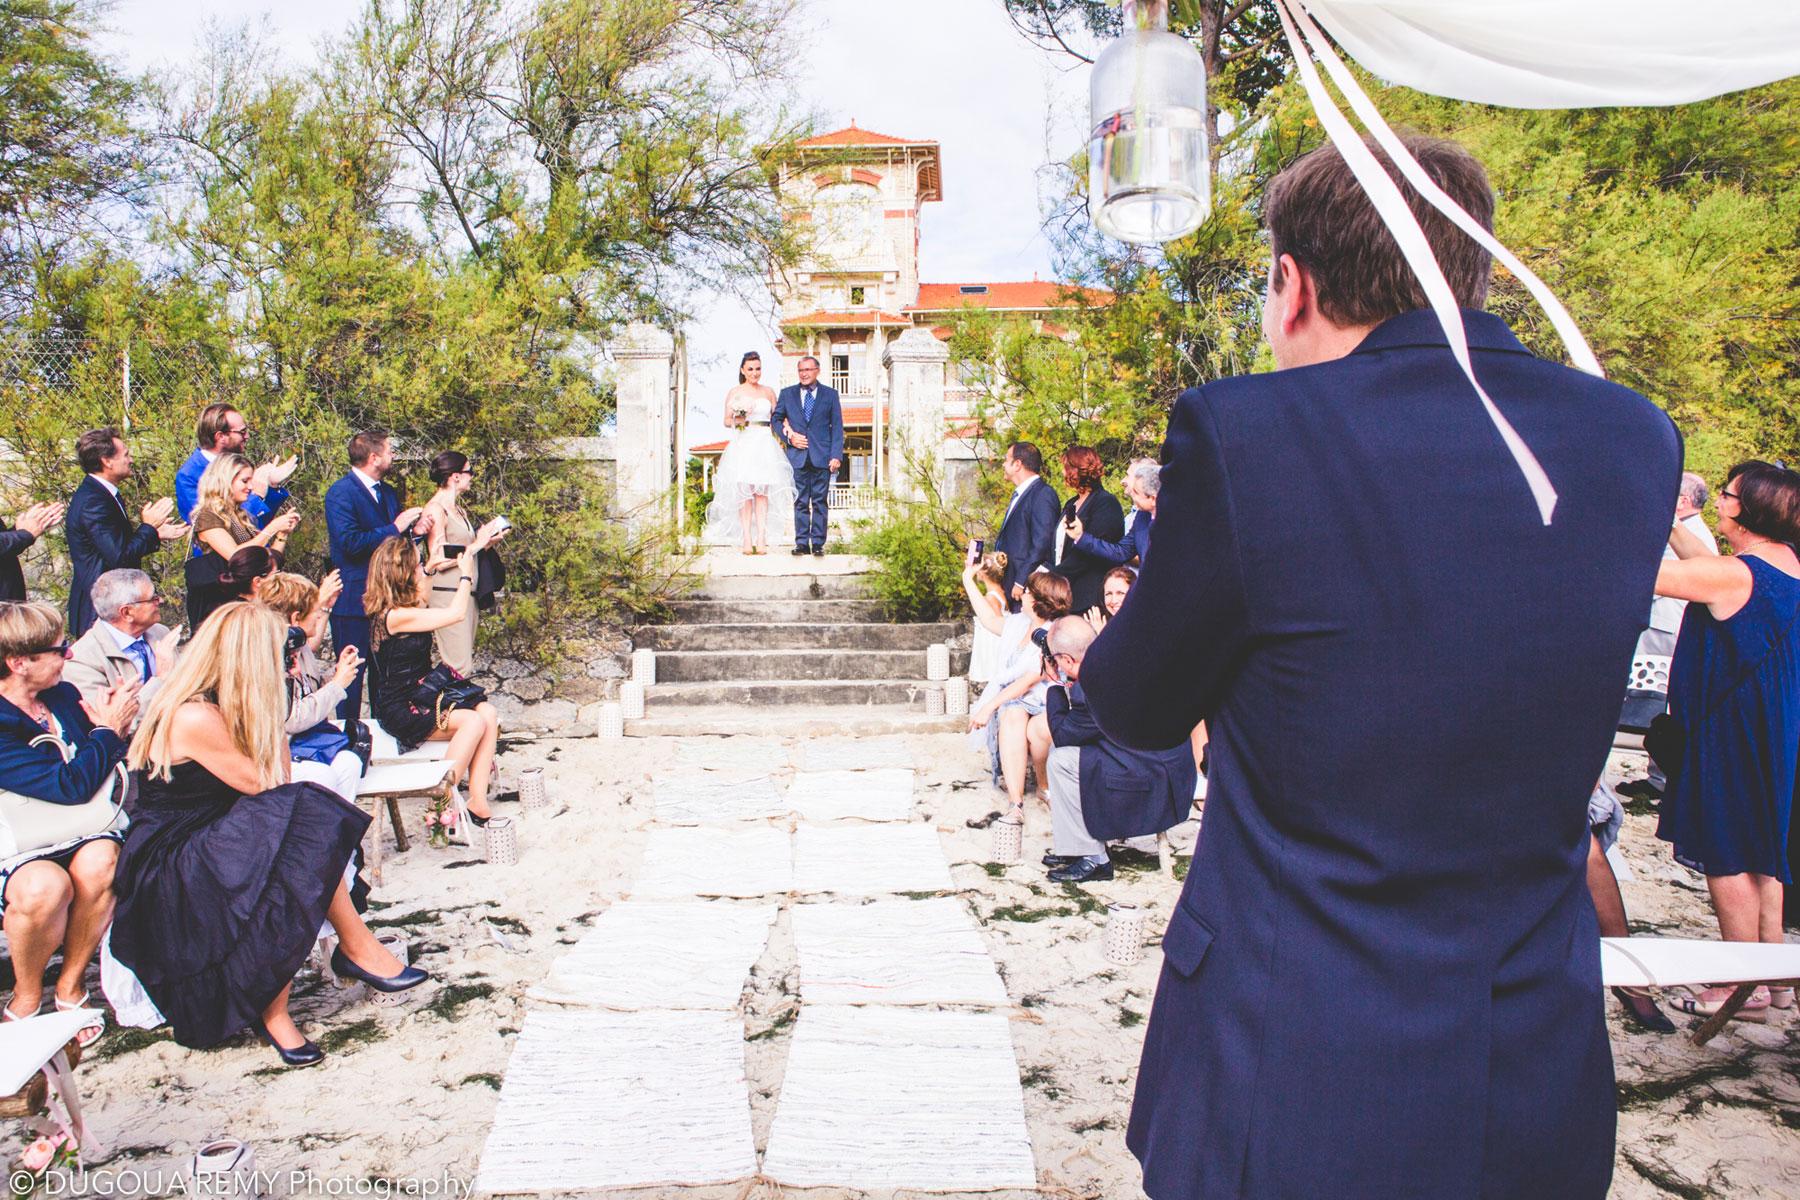 Décoration de mariage bohème et cérémonie laïque champêtre sur la plage du bassin d'Arcachon par Elisabeth Delsol.